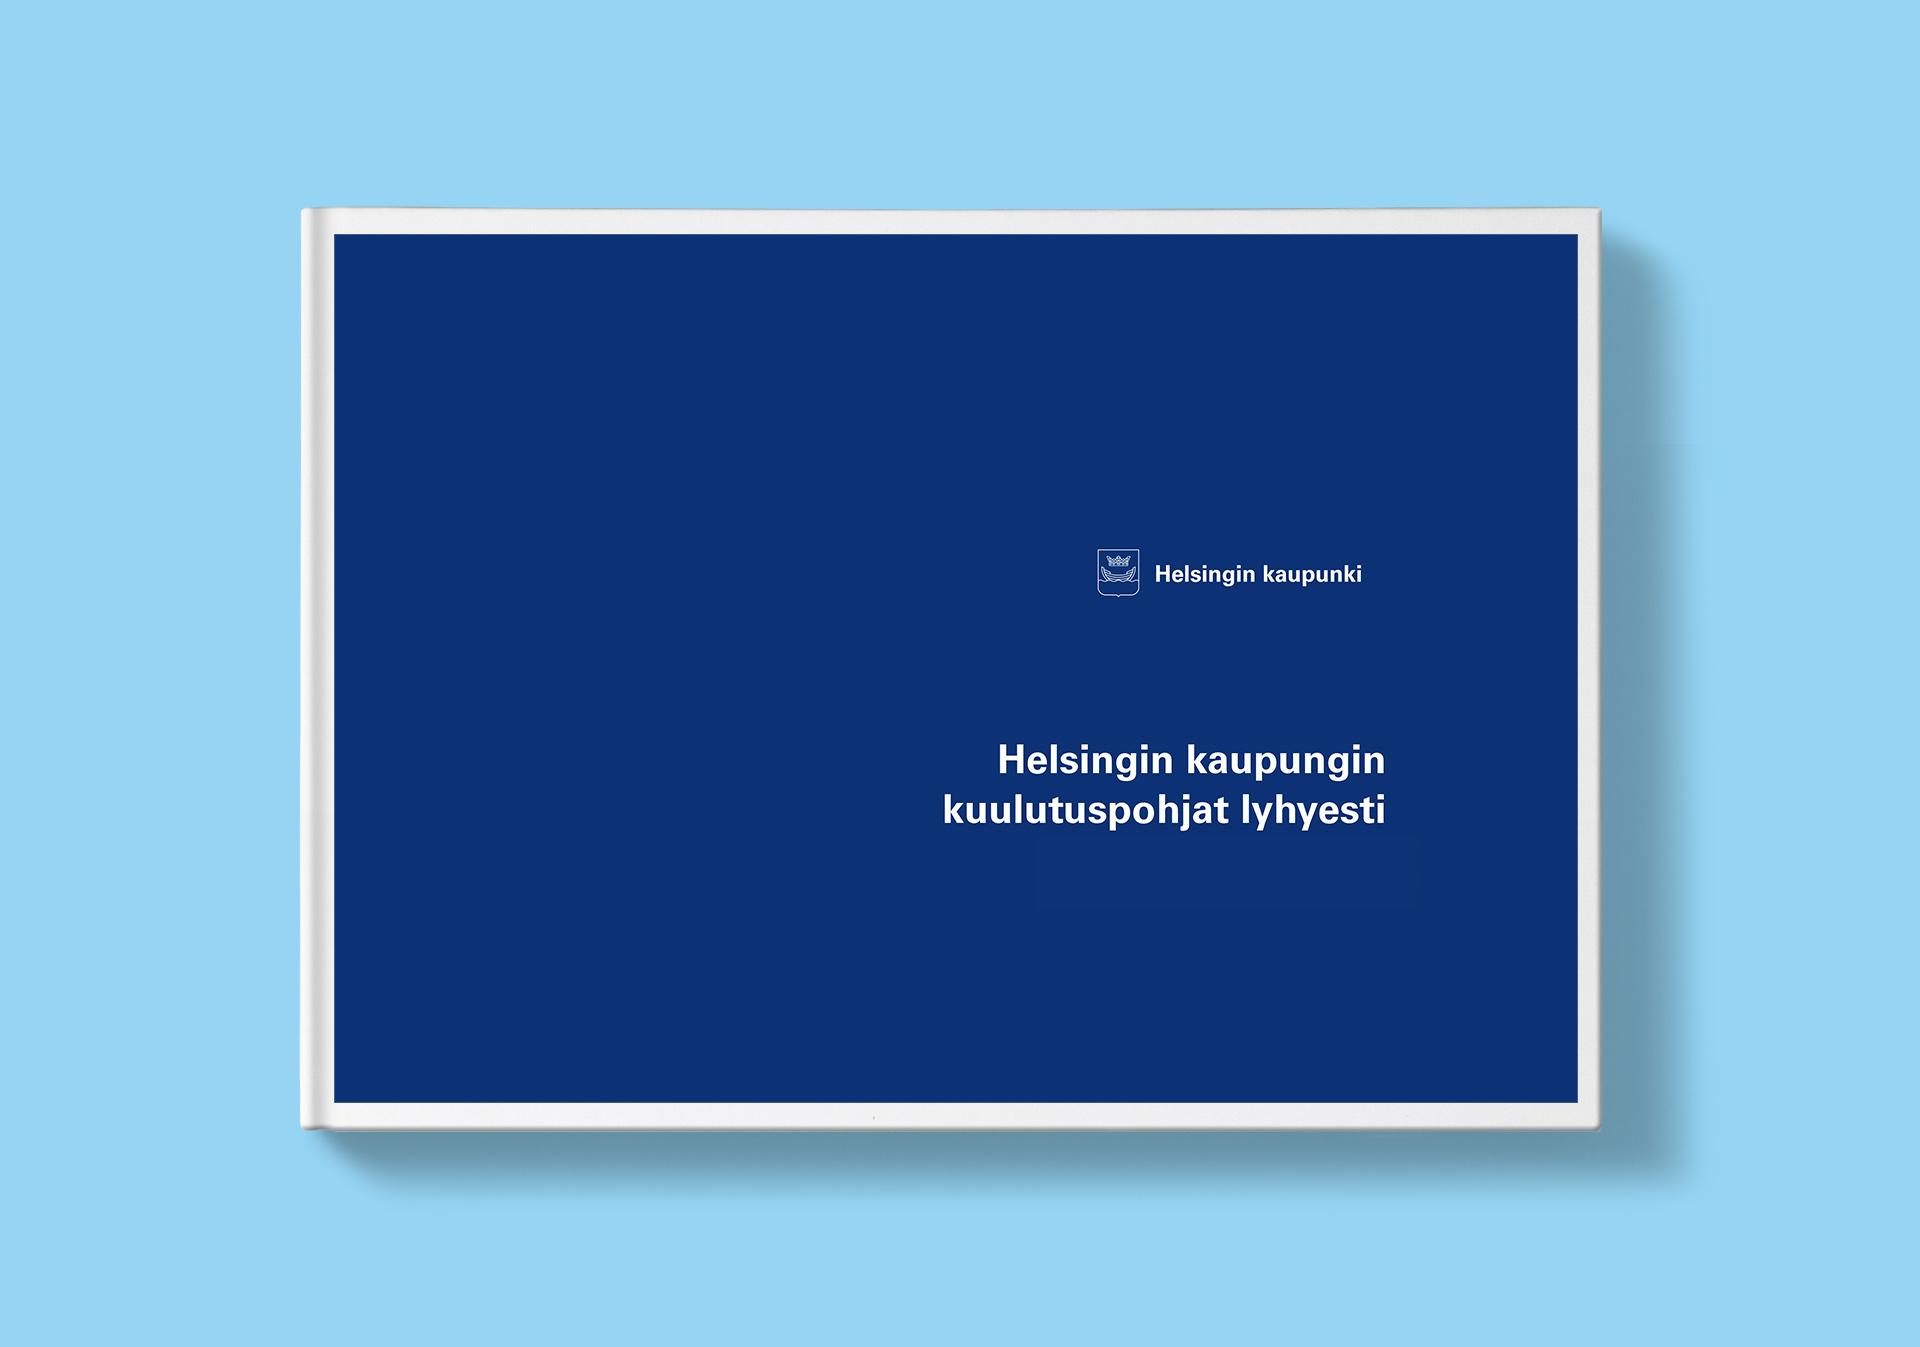 Helsinkirkuulutus-graafohje-kansi-1-web-1920px.jpg